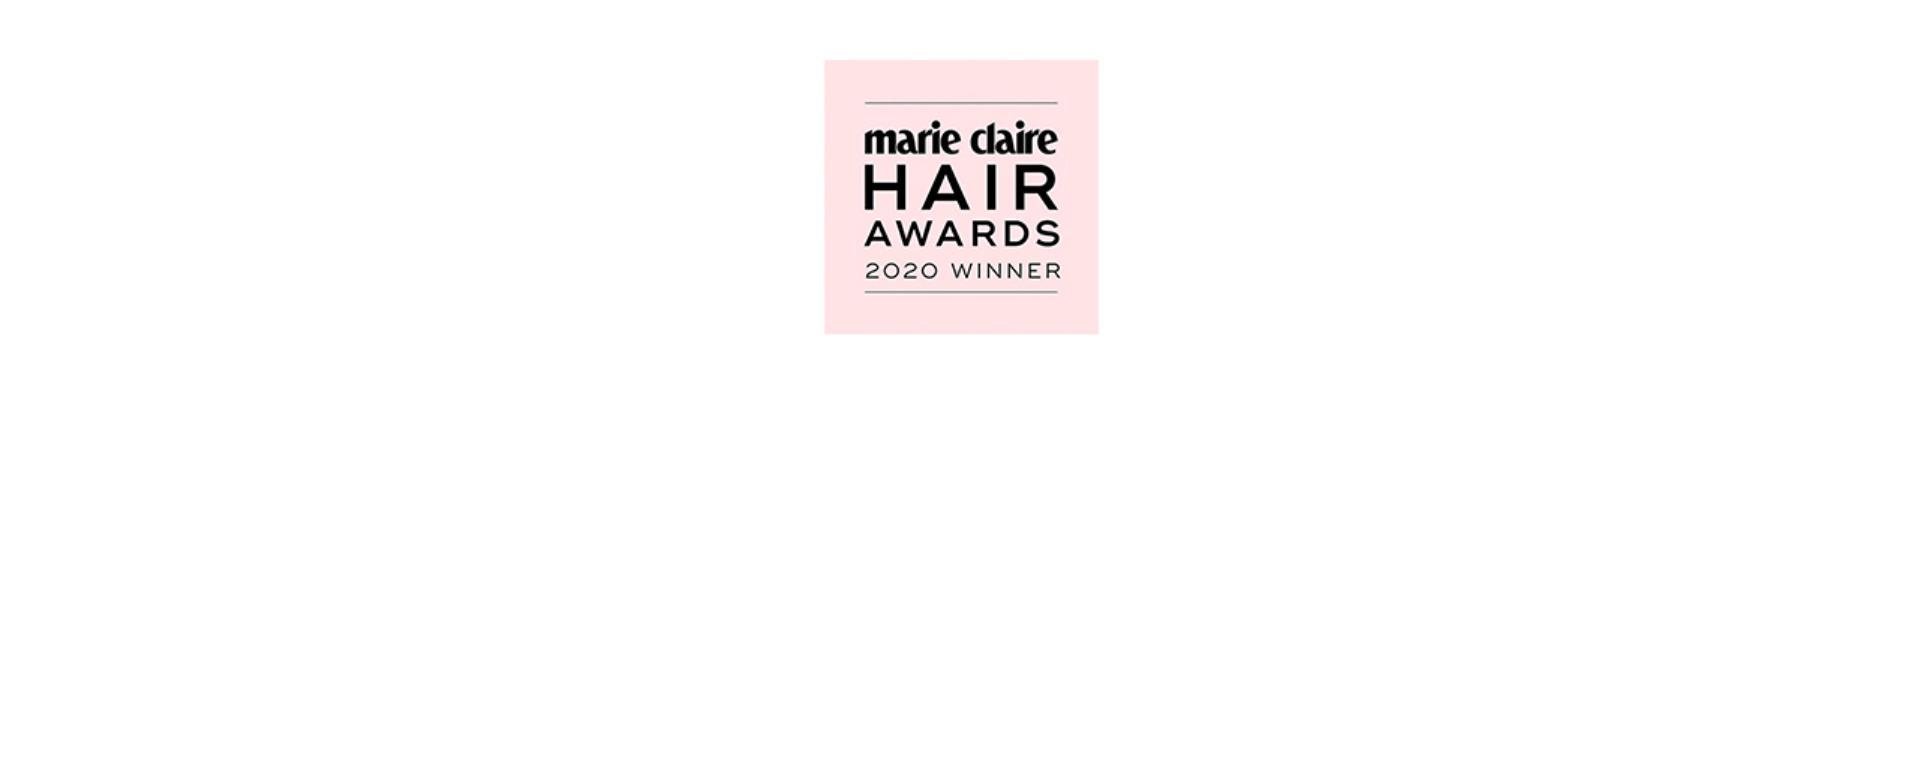 Marie Claire Hair Awards logo